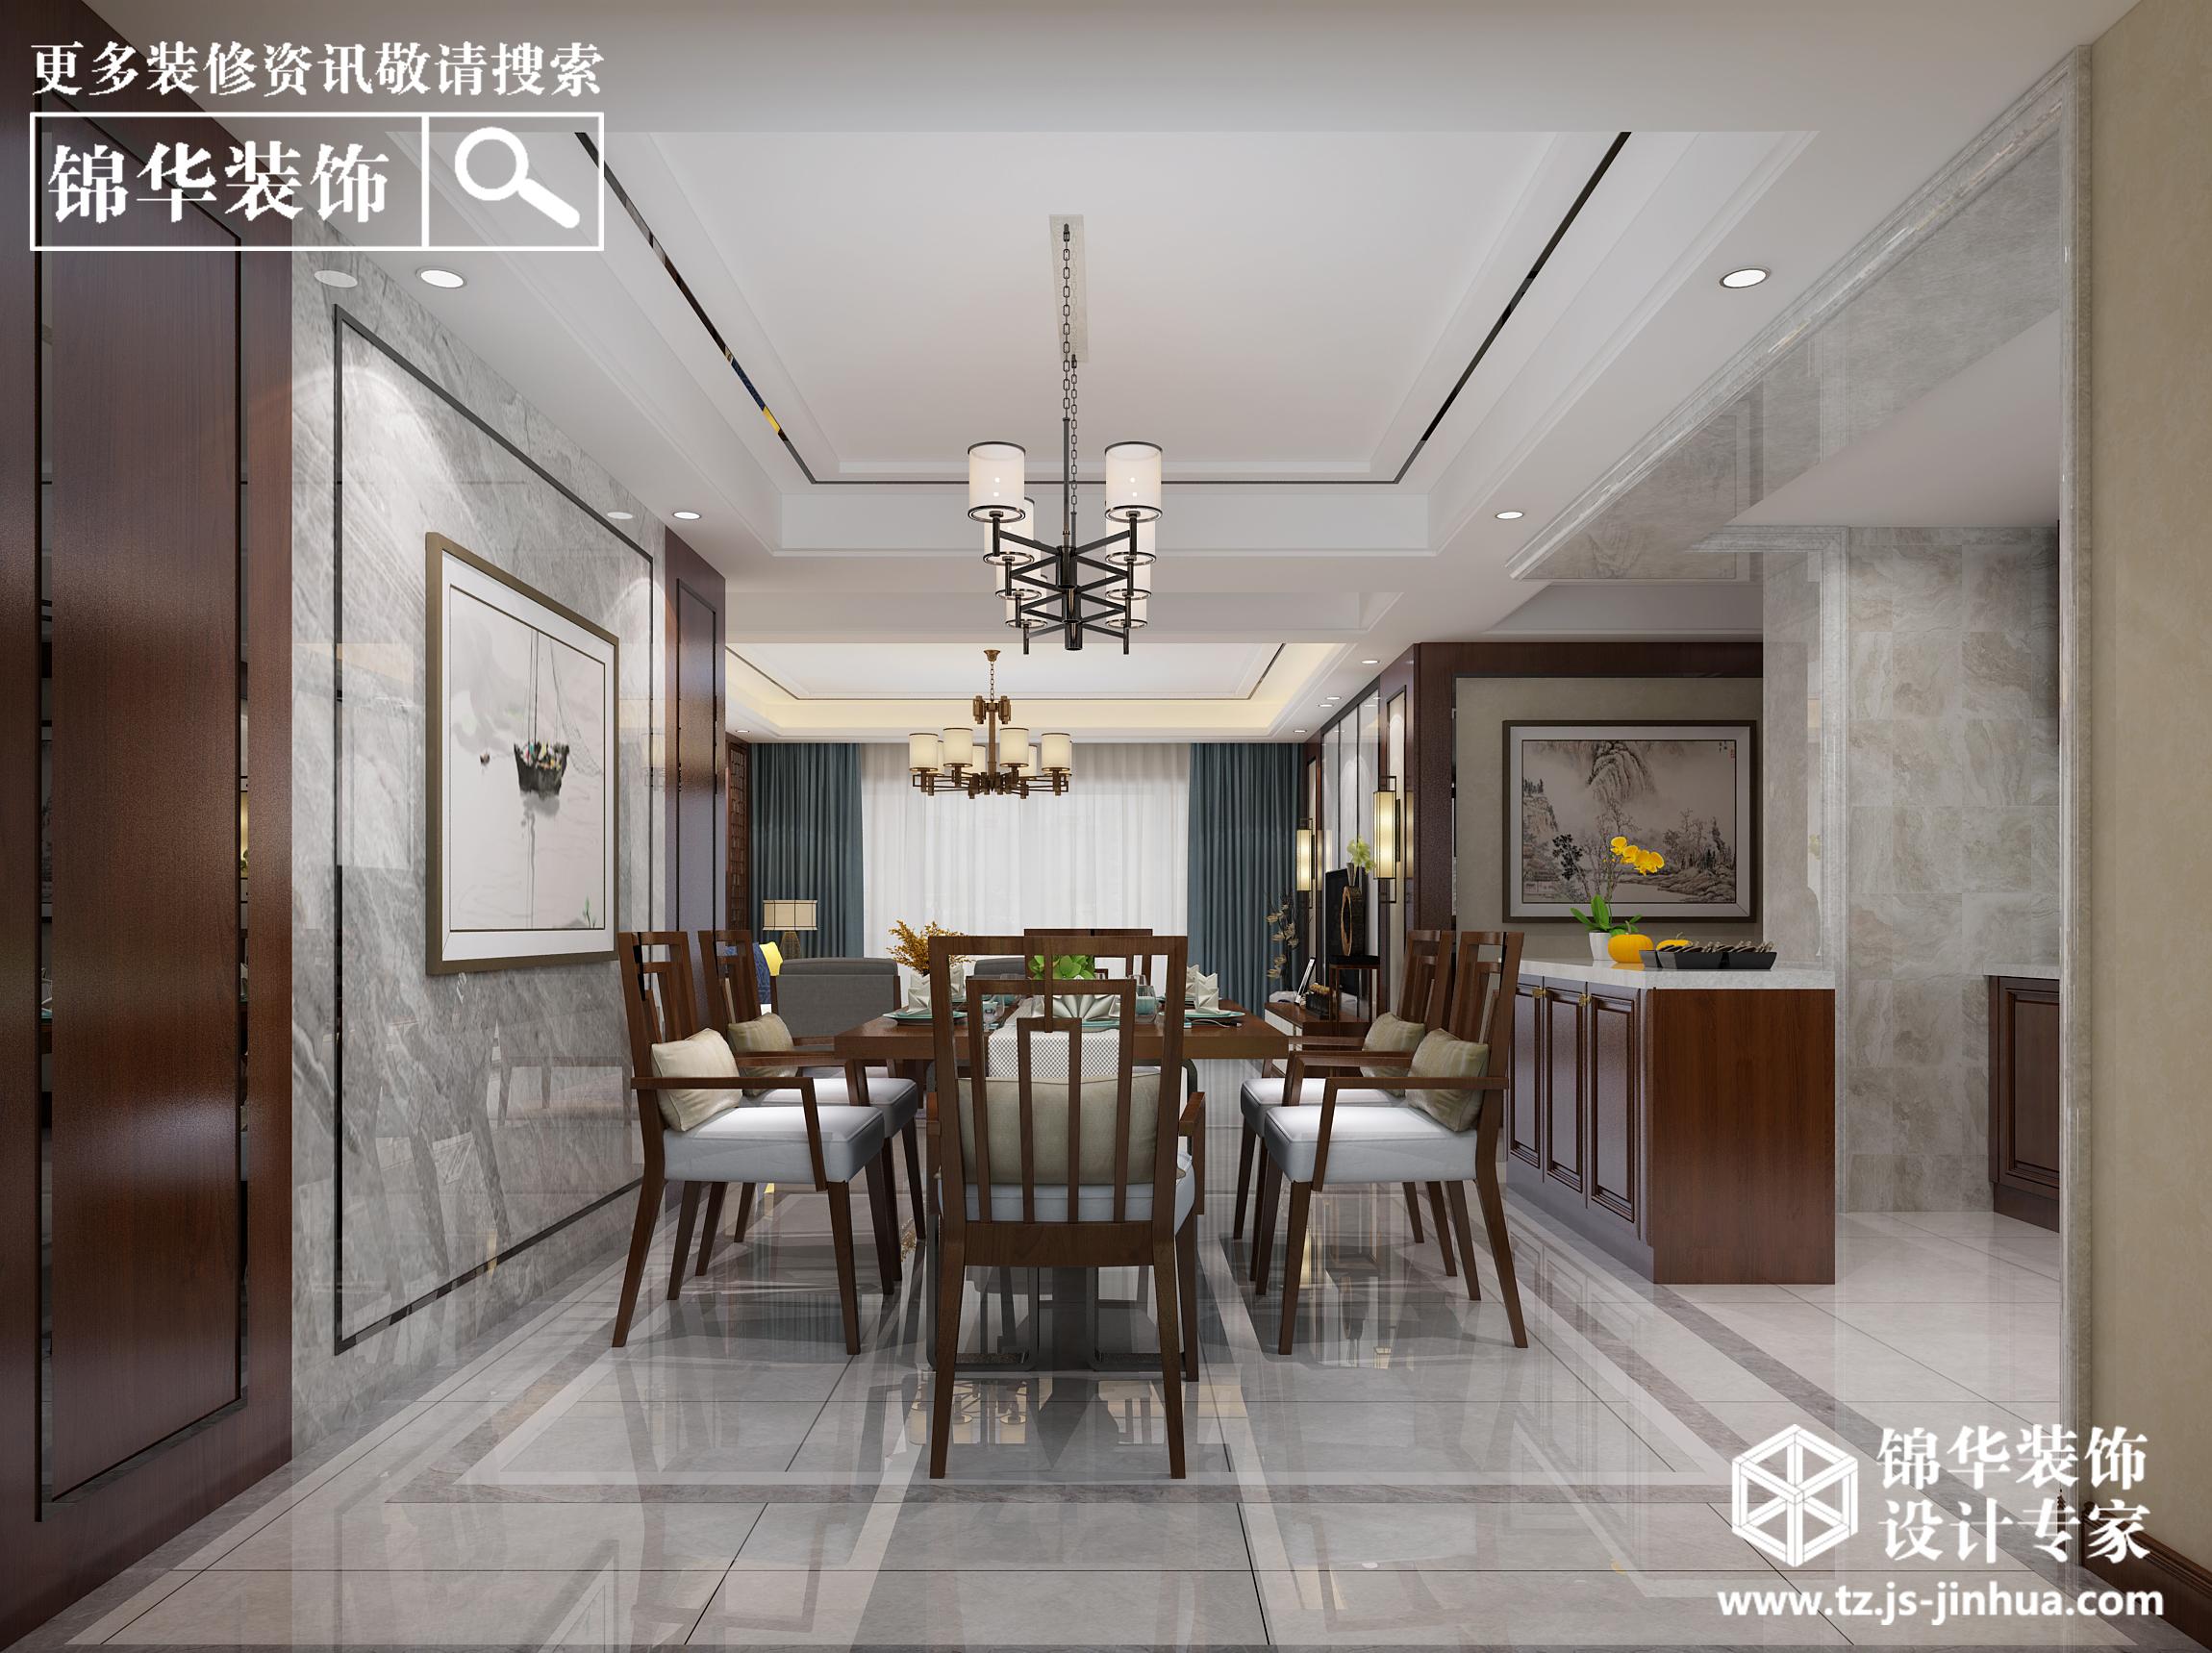 世纪新城-新中式风格